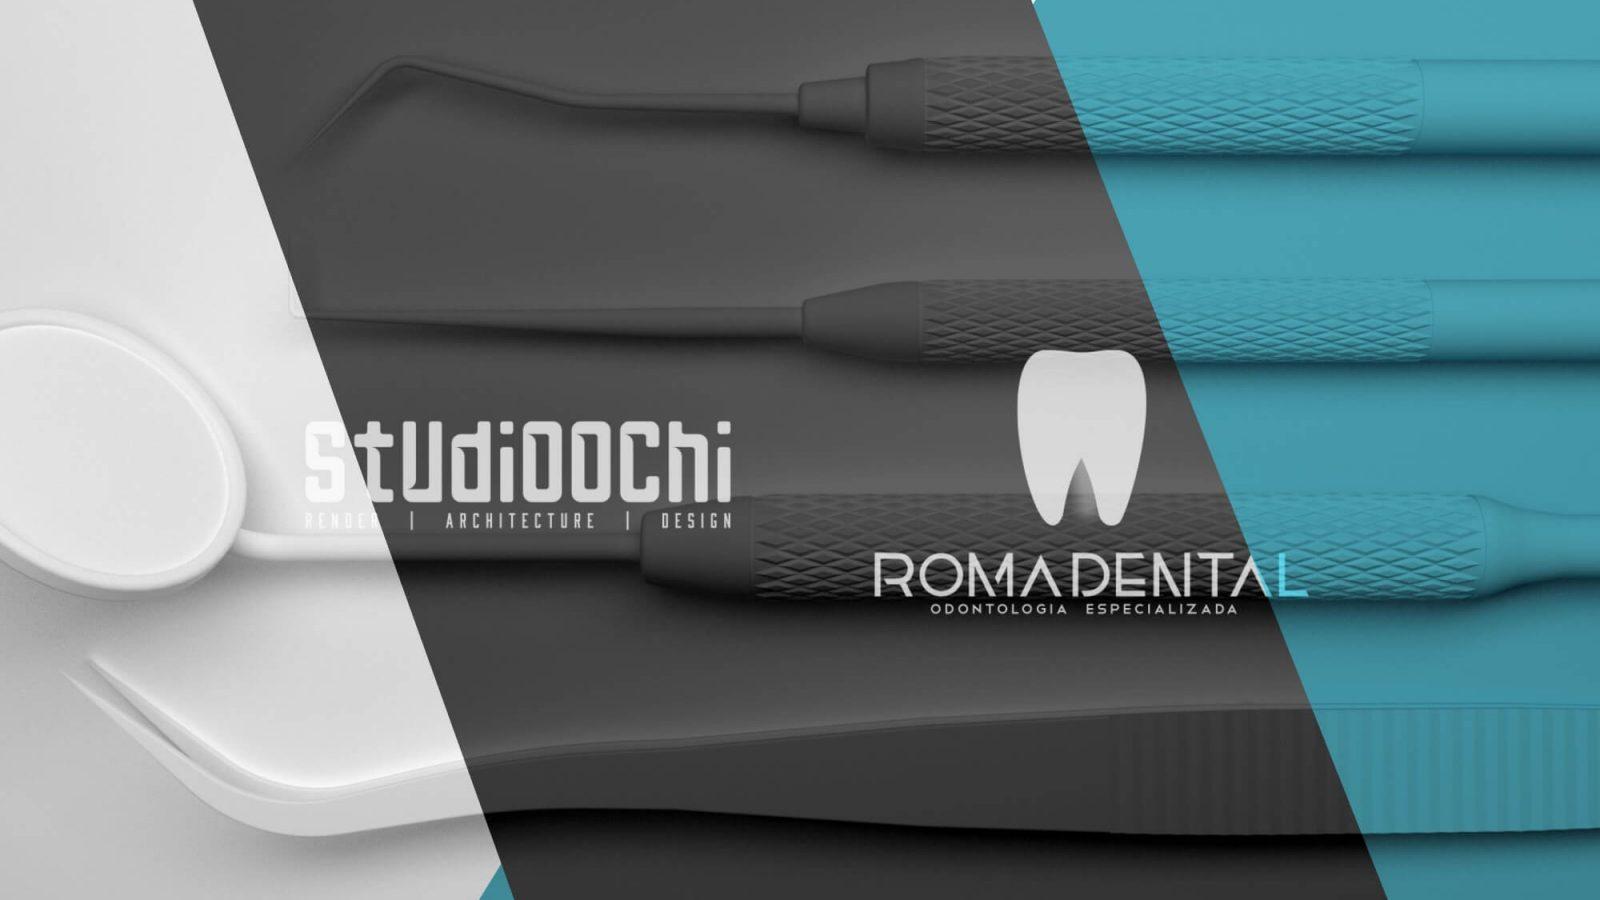 DentalRomaSlider129